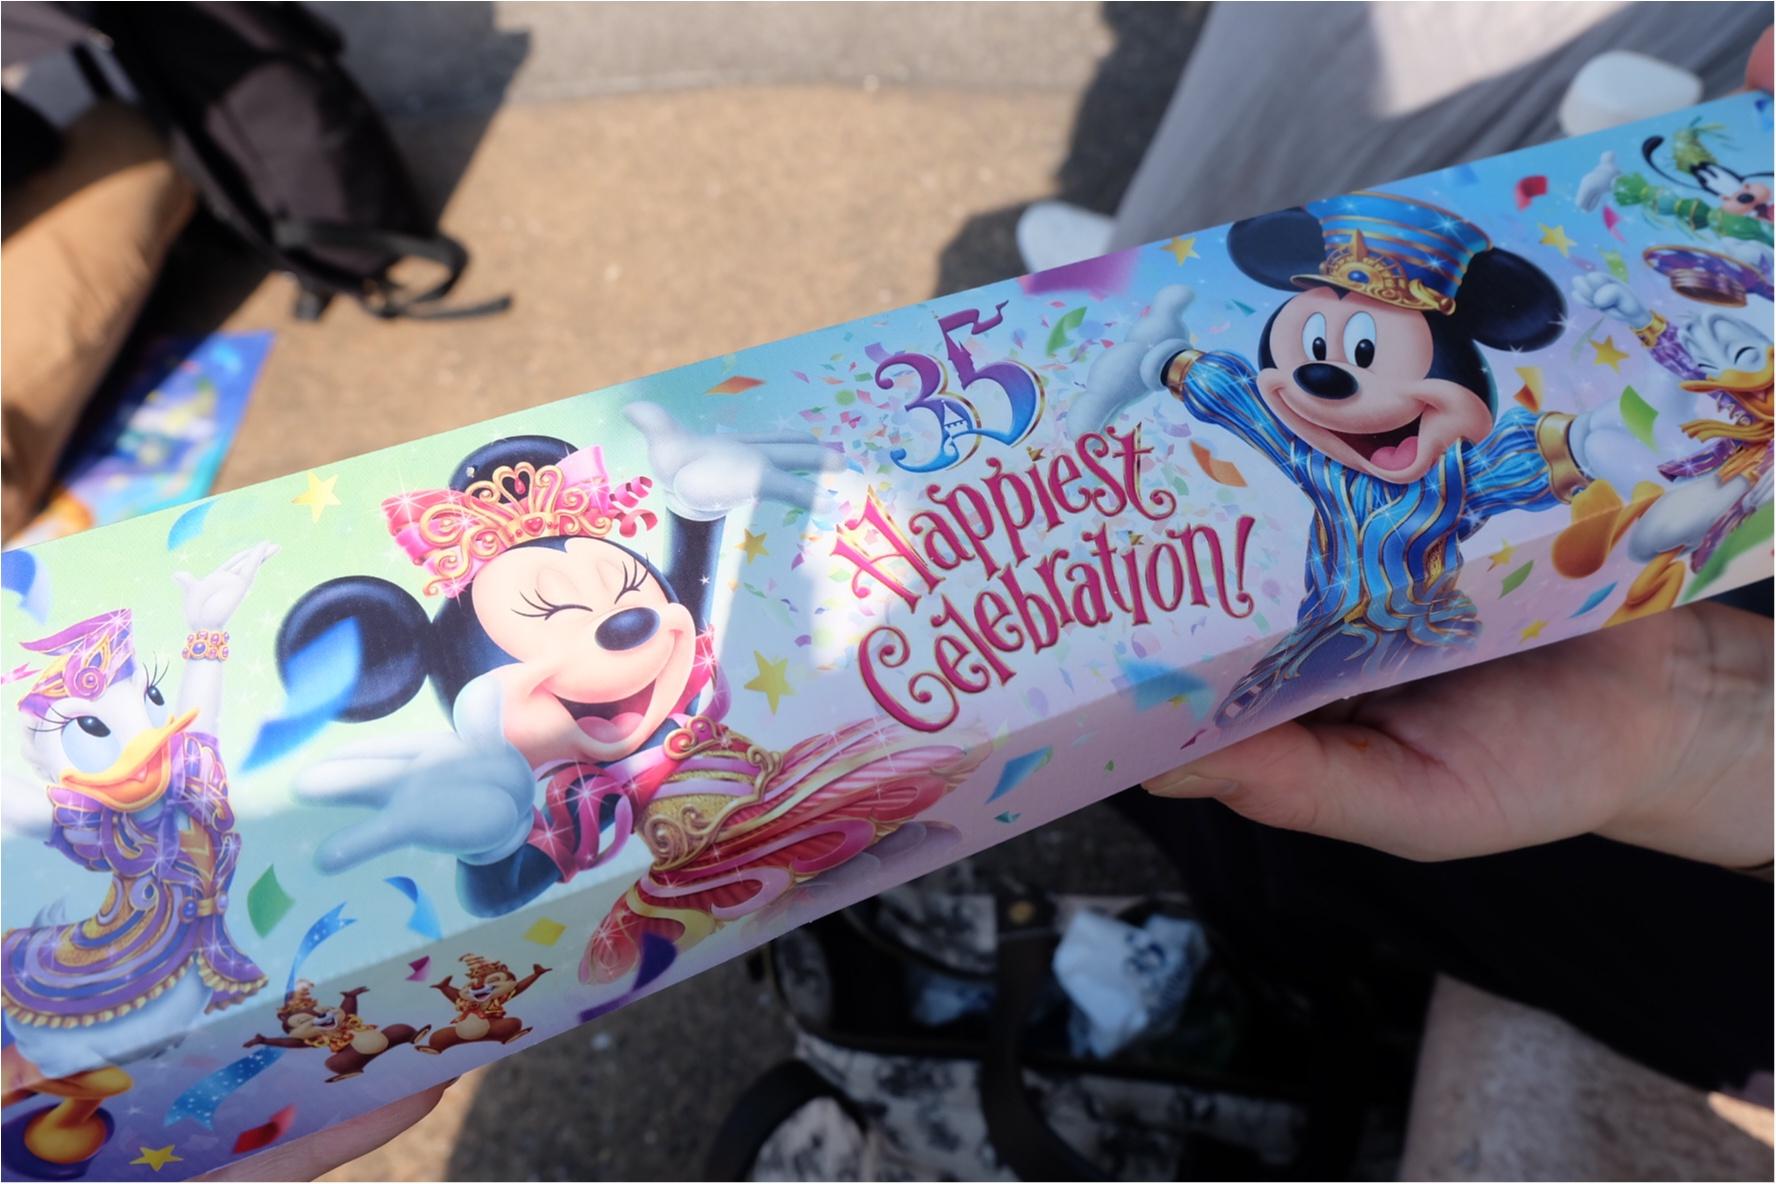 【東京ディズニーランド】4/15〜✩35周年スタート✩《Happiest celebration!》絶対食べて欲しいおすすめグルメ☝︎_2